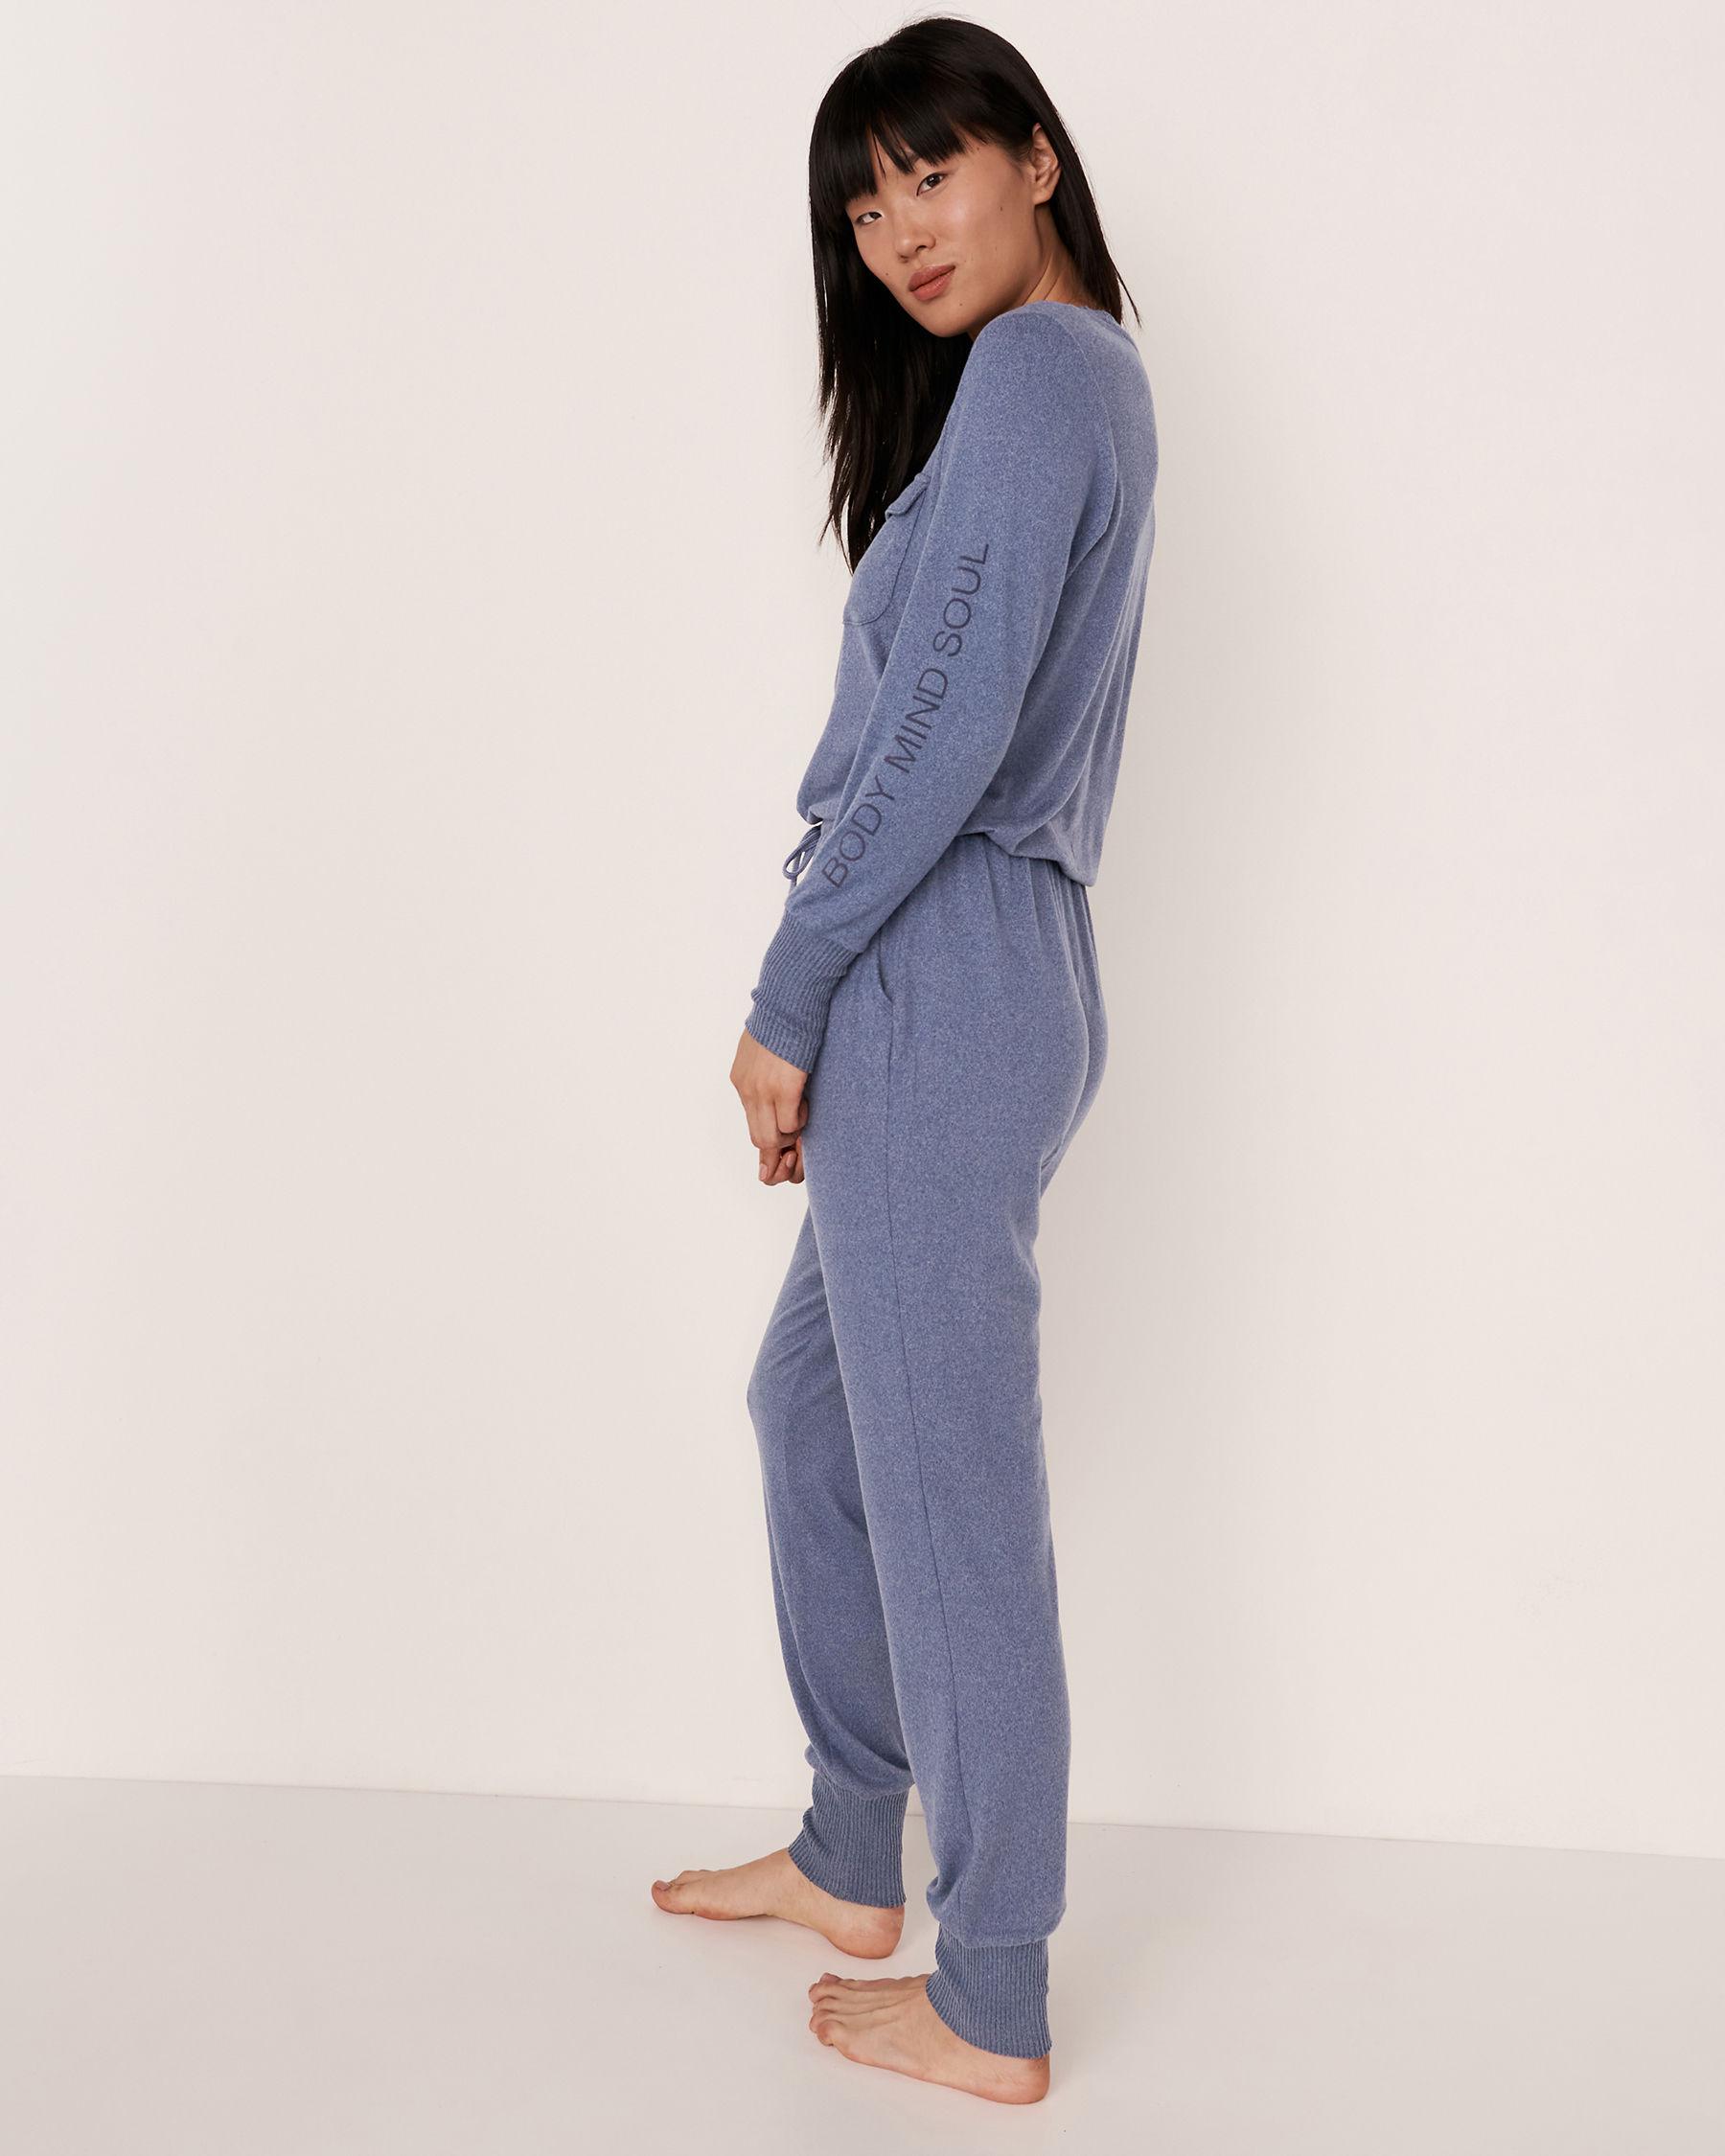 LA VIE EN ROSE Combinaison longue fermeture éclair en tricot doux Mélange bleu jeans 50300004 - Voir3